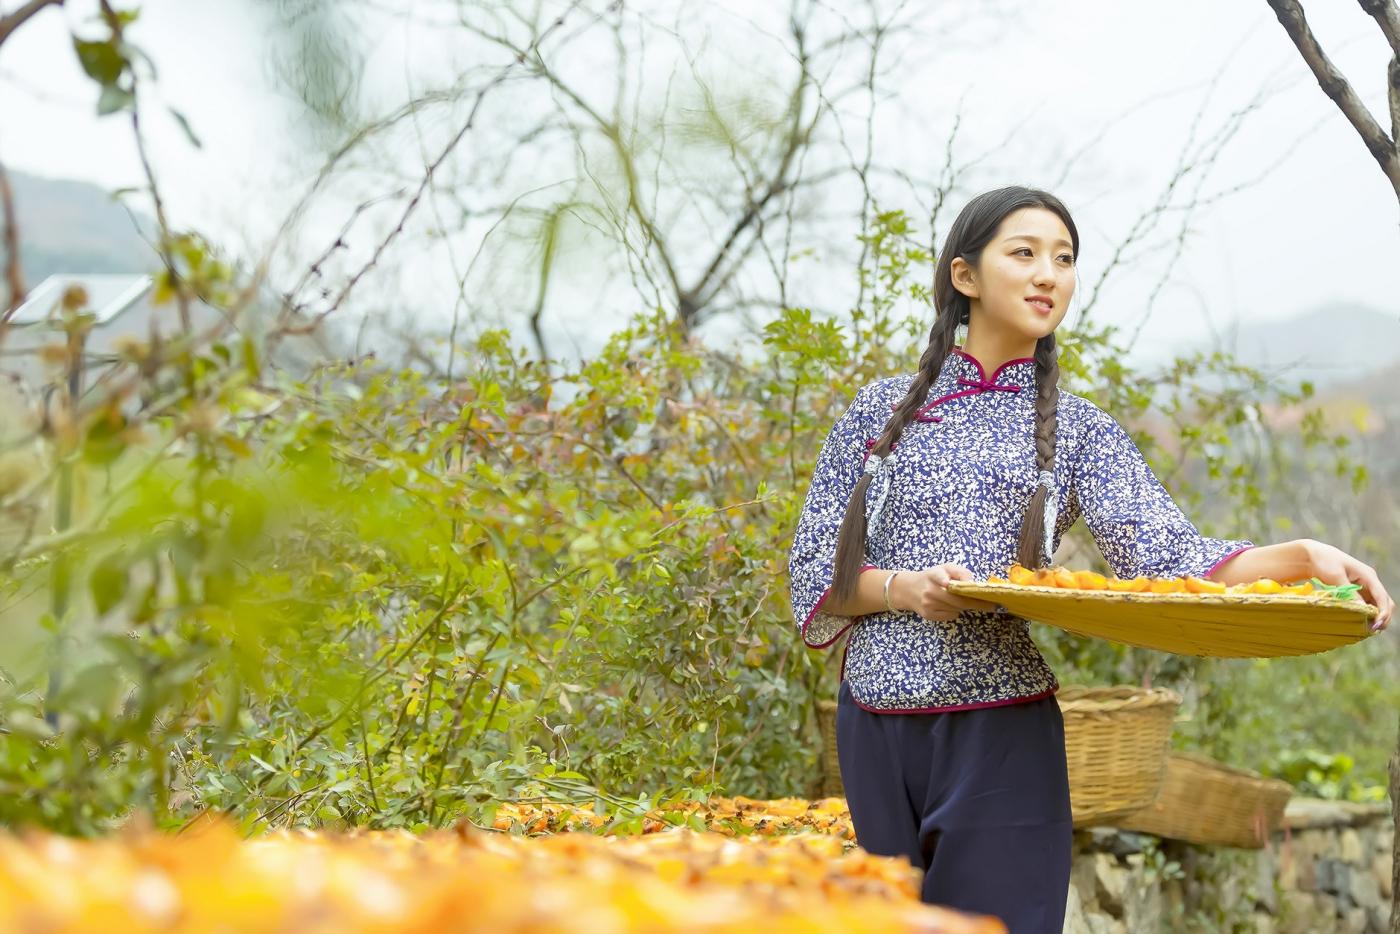 煎饼mm刘晓旭来到蒙山人家柿子节客串柿子西施_图1-15